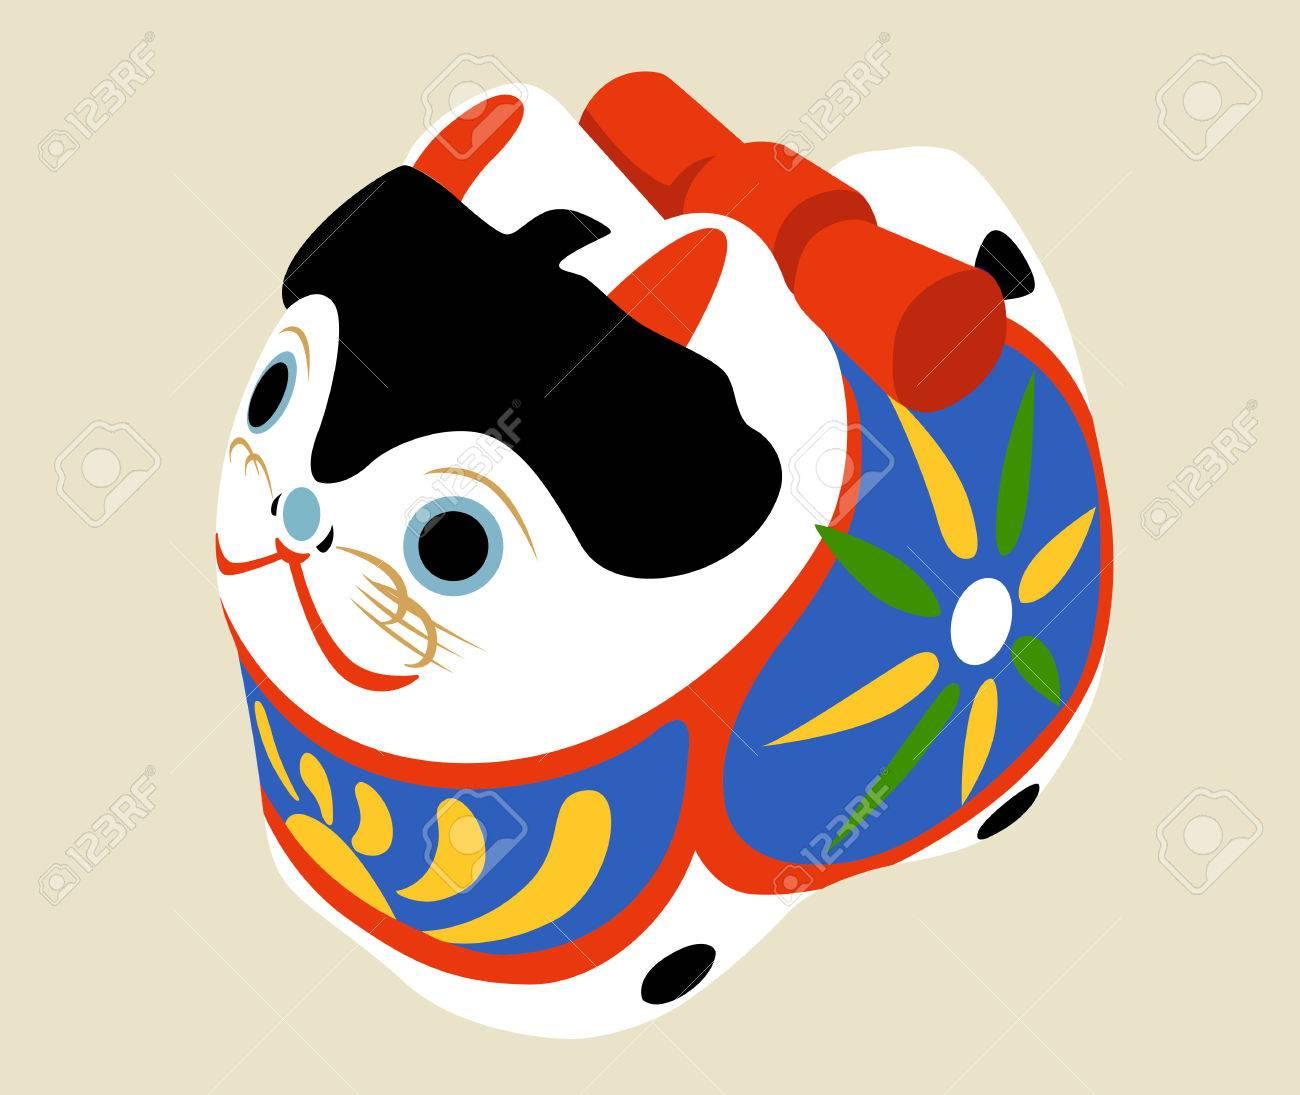 Dog illustration: Japanese style. - 85695675